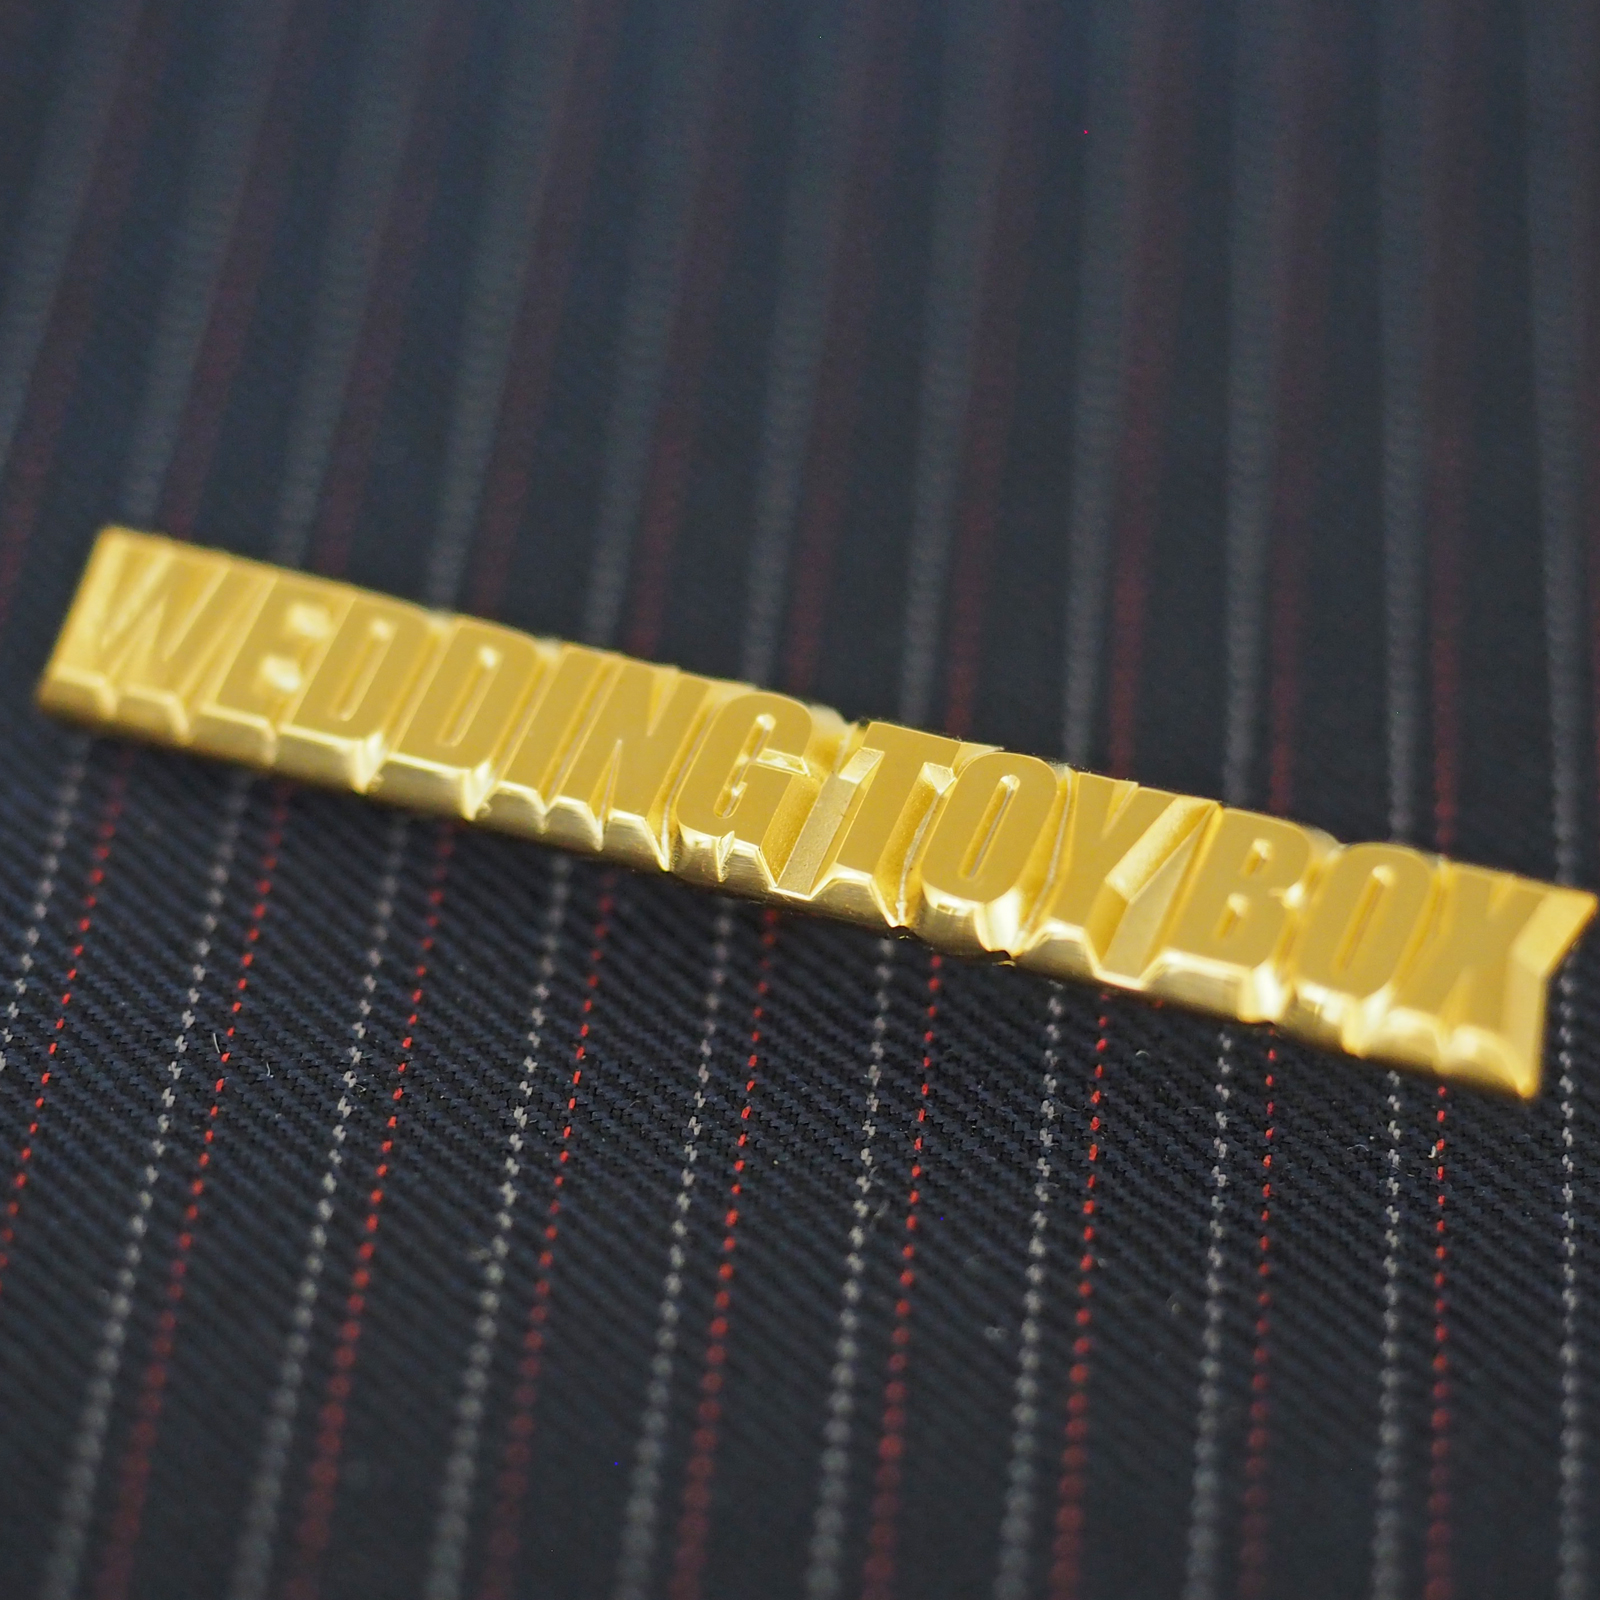 社章 長方形 金メッキ ミニタイタック プラケース テーパー角度 側面 高級感